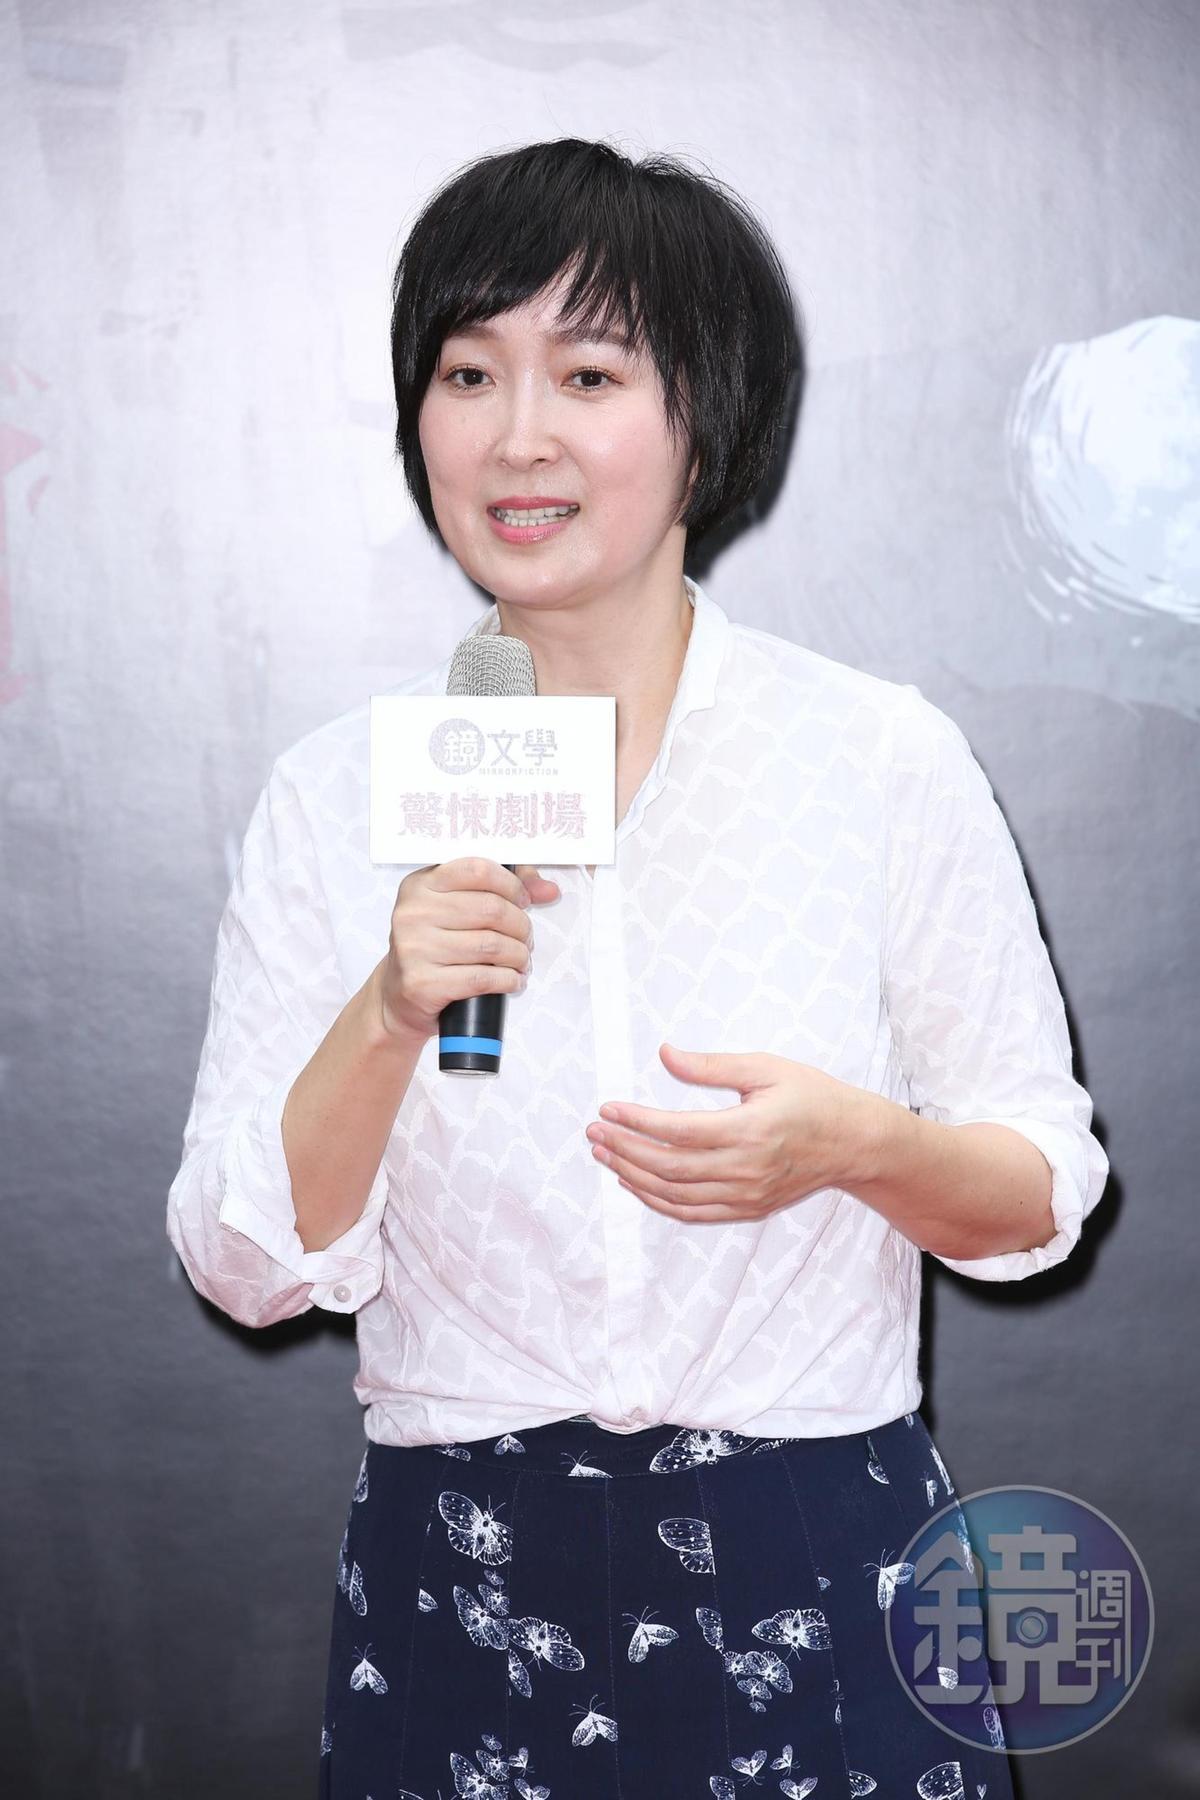 鏡文學總經理董成瑜開心宣布第二季「鏡文學劇場」計畫即將起跑。